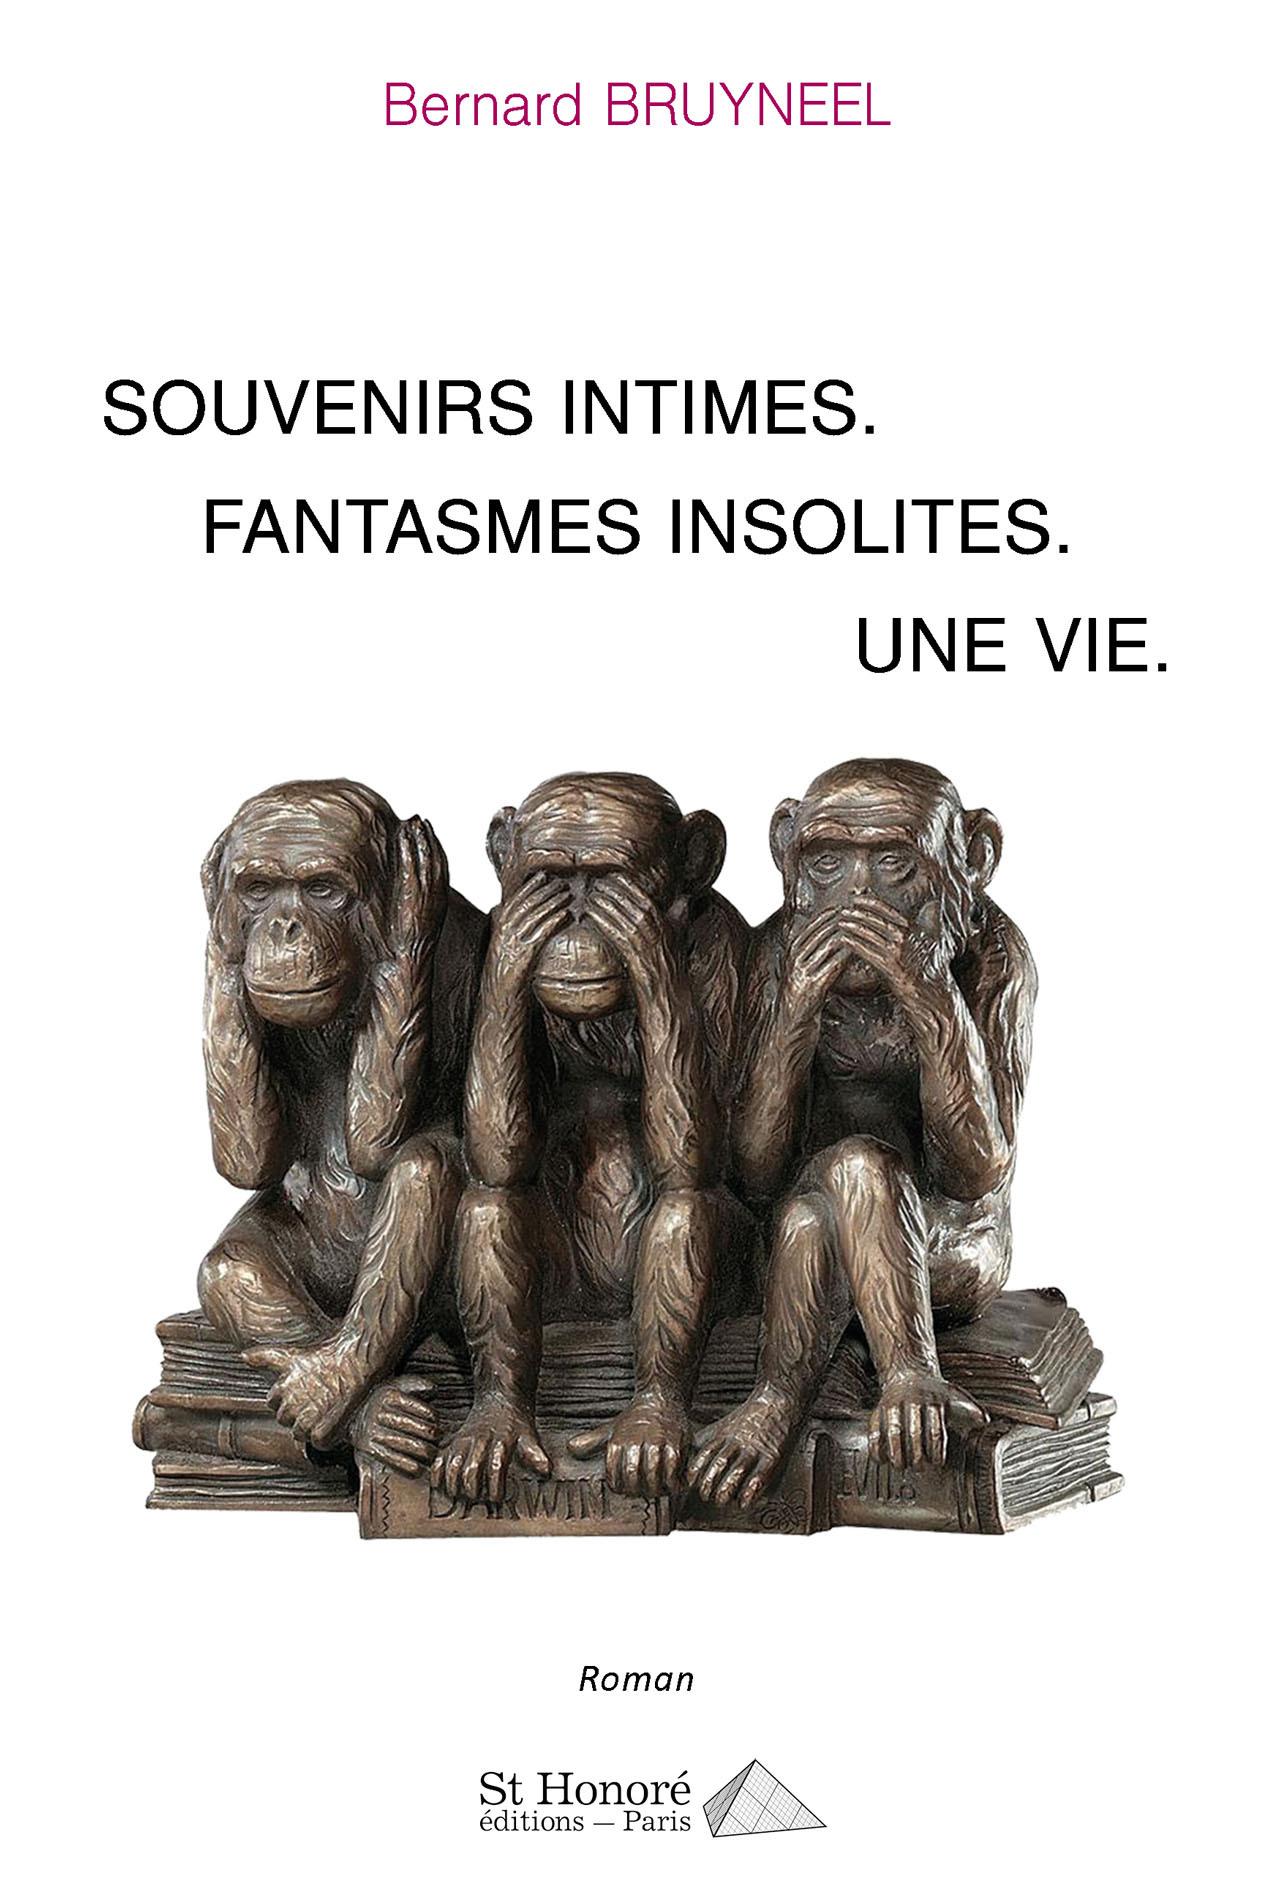 SOUVENIRS INTIMES. FANTASME INSOLITES.UNE VIE